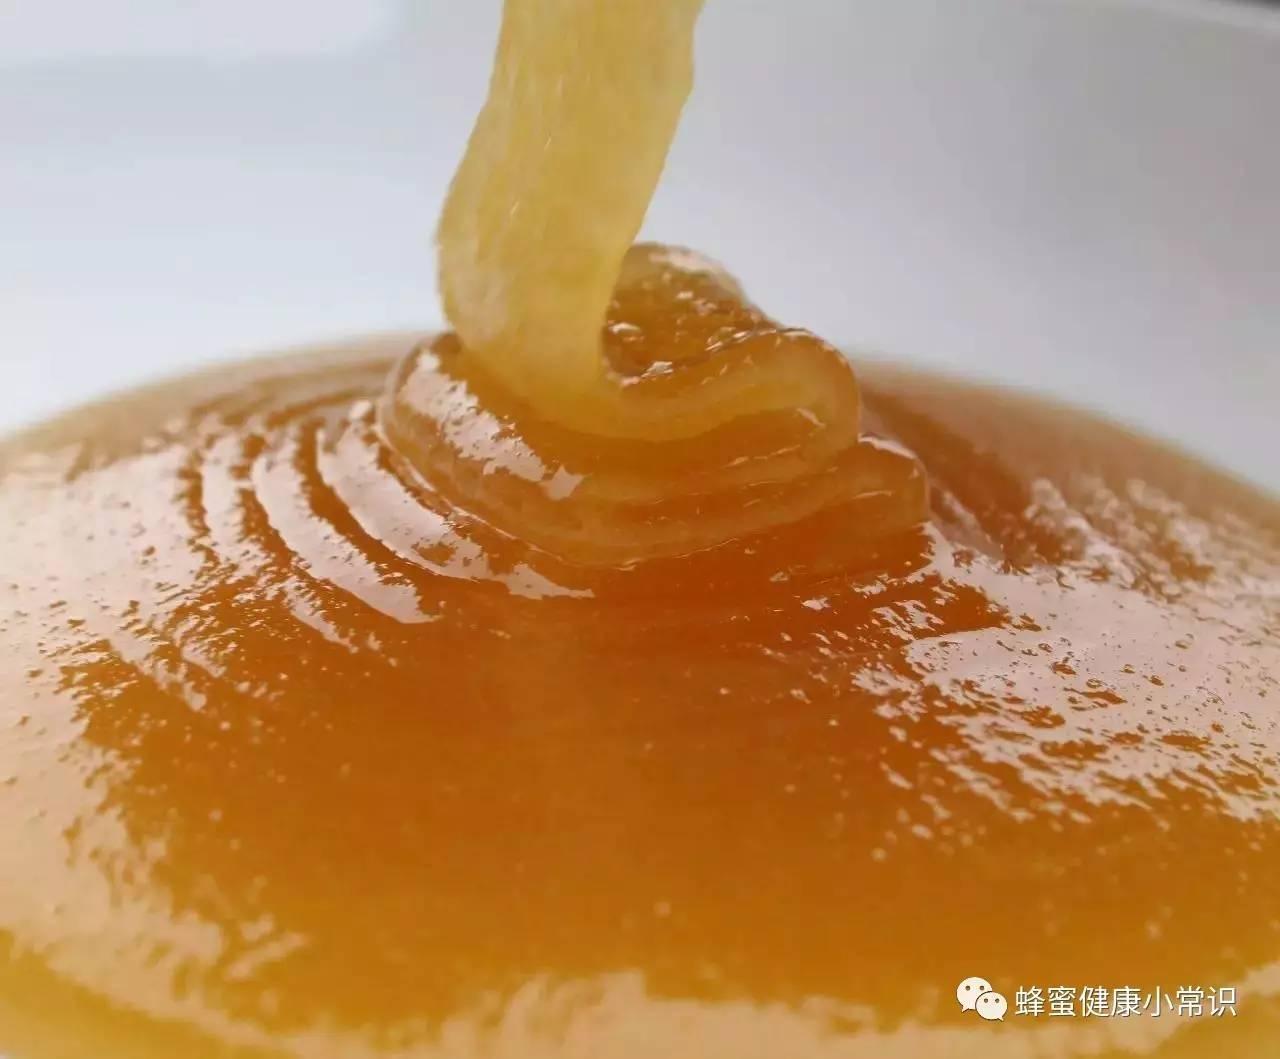 孕妇可以吃黄芪蜂蜜吗 蜂蜜真菌 蜂蜜柠檬面膜酸奶维生素e 白糖喂的蜂蜜 蜂蜜祛斑法